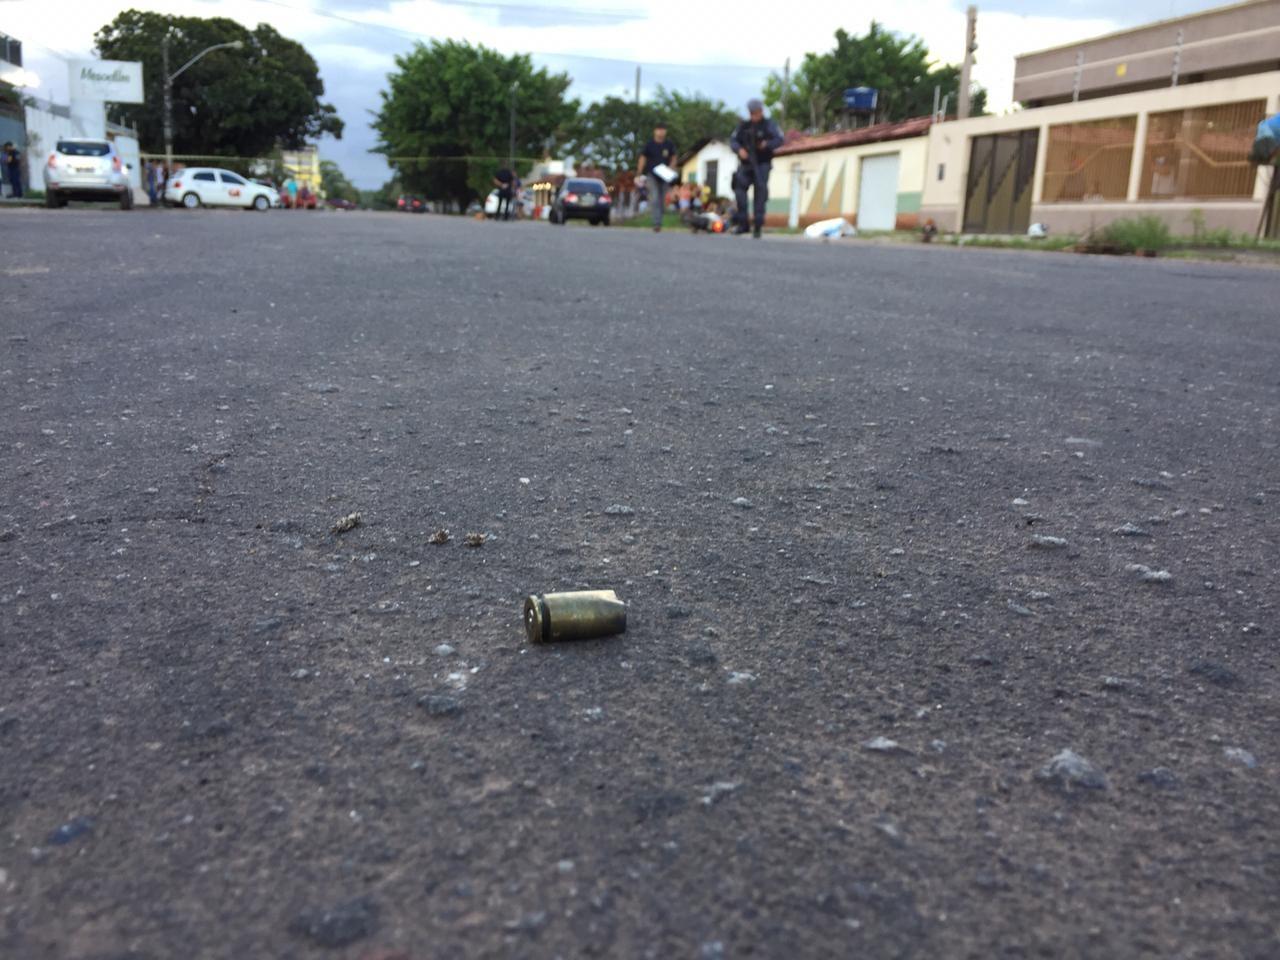 AP registra a 3ª maior queda do país nas mortes violentas em 2019; redução foi de 35%